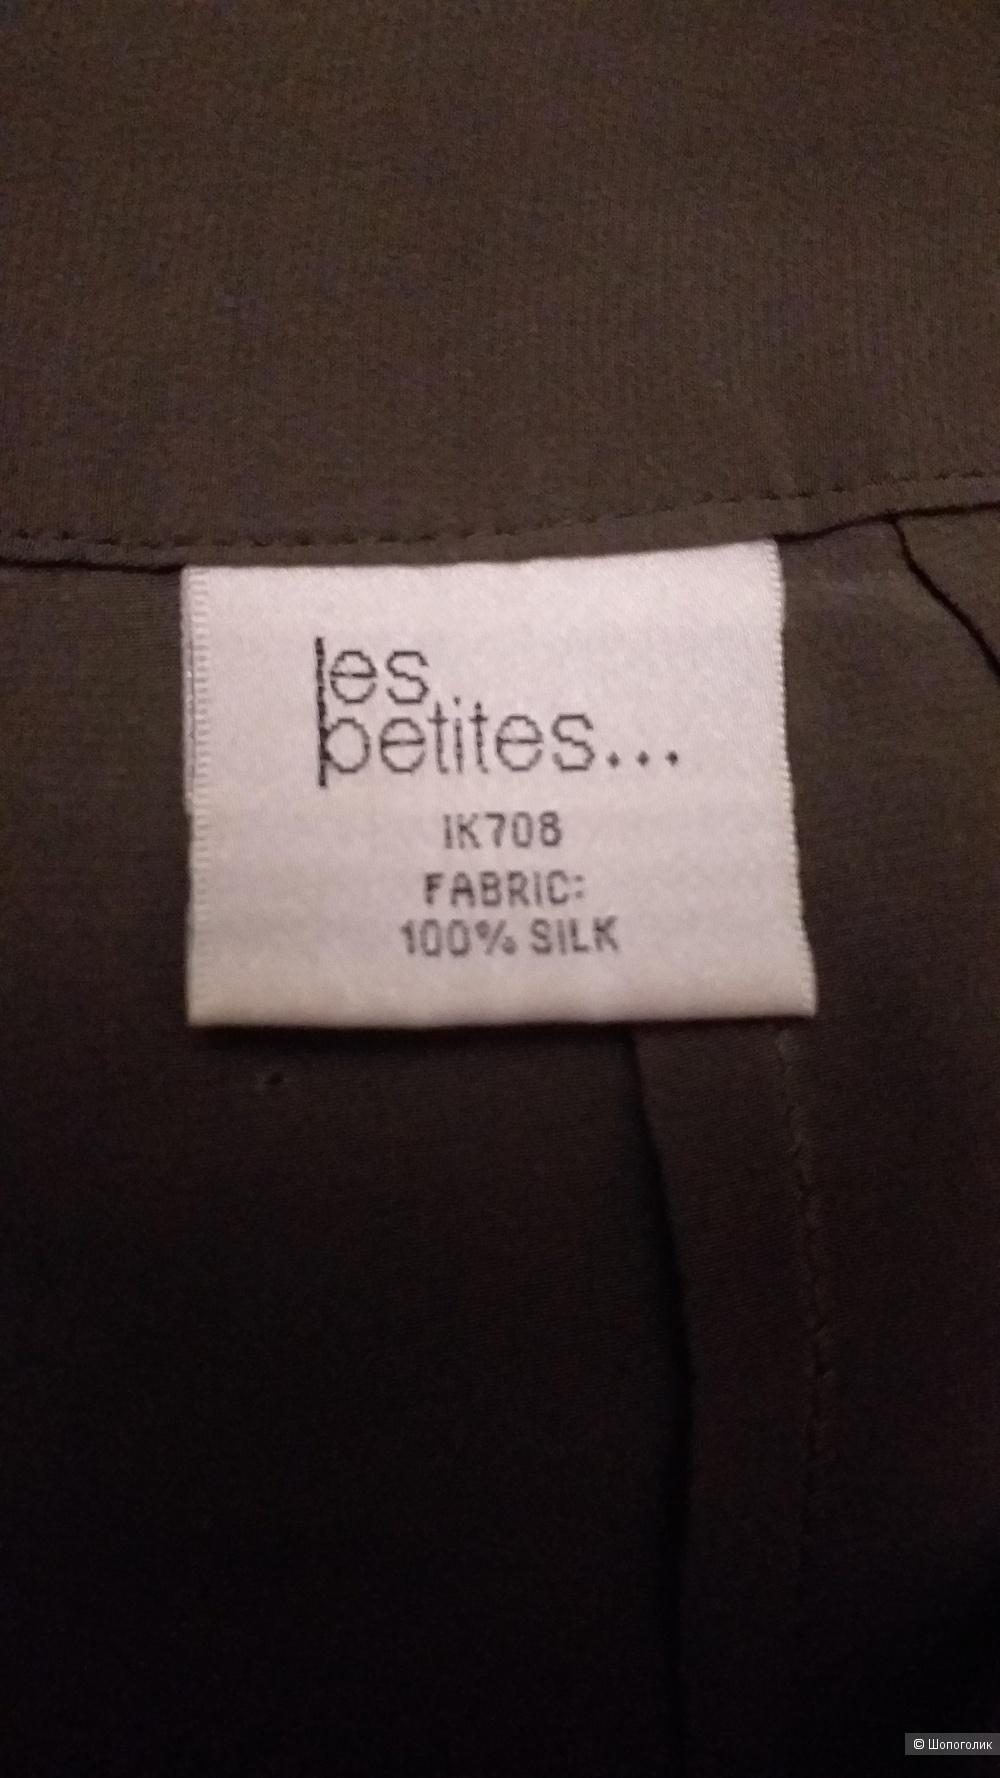 Брюки Les petites collection, р. 44